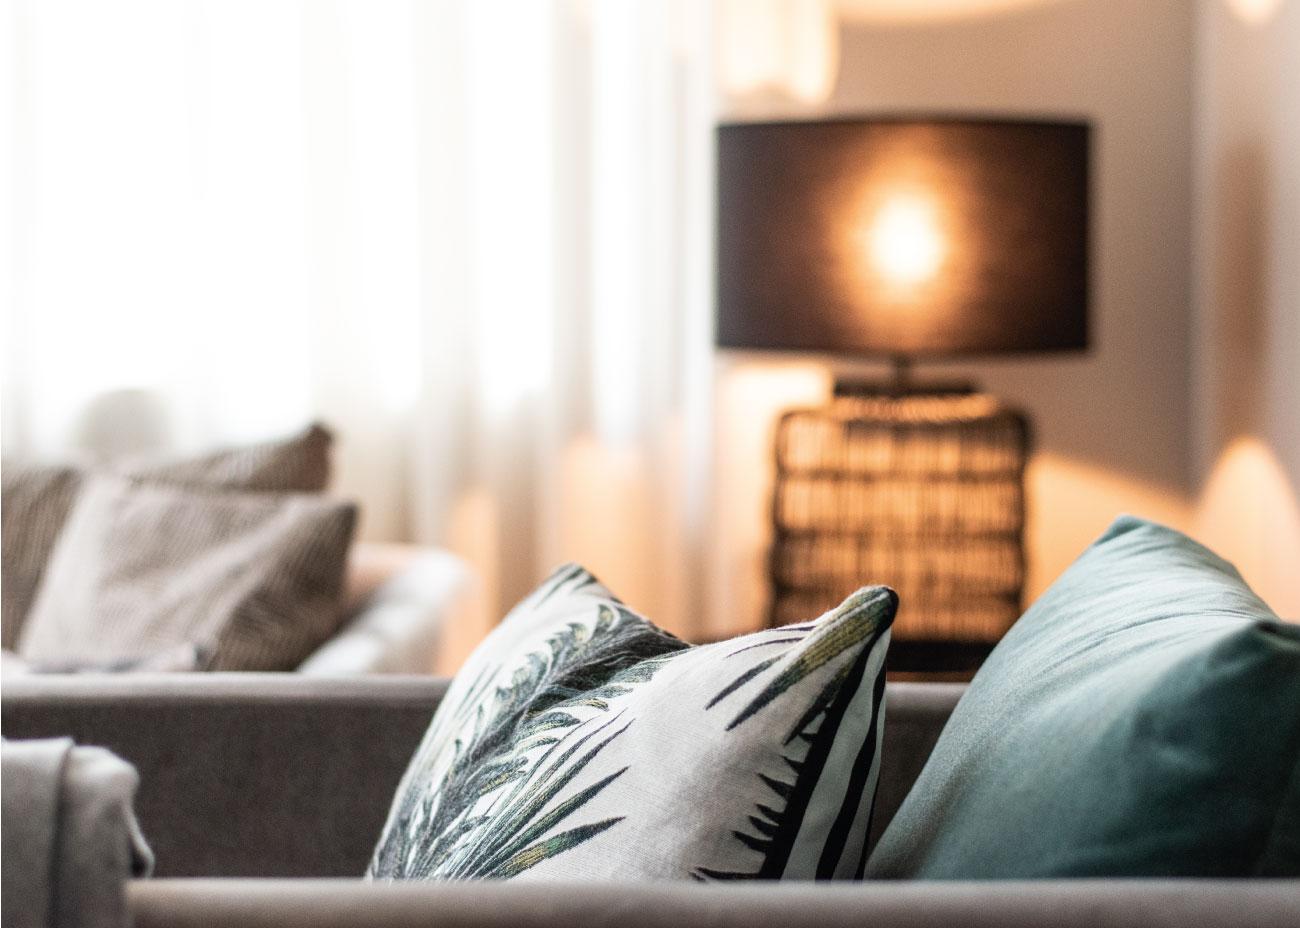 Wohnung einrichten Einrichtungsideen Dekokissen Inspiration Wohnungsdeko Wohnzimmer Einrichtung Inspiration